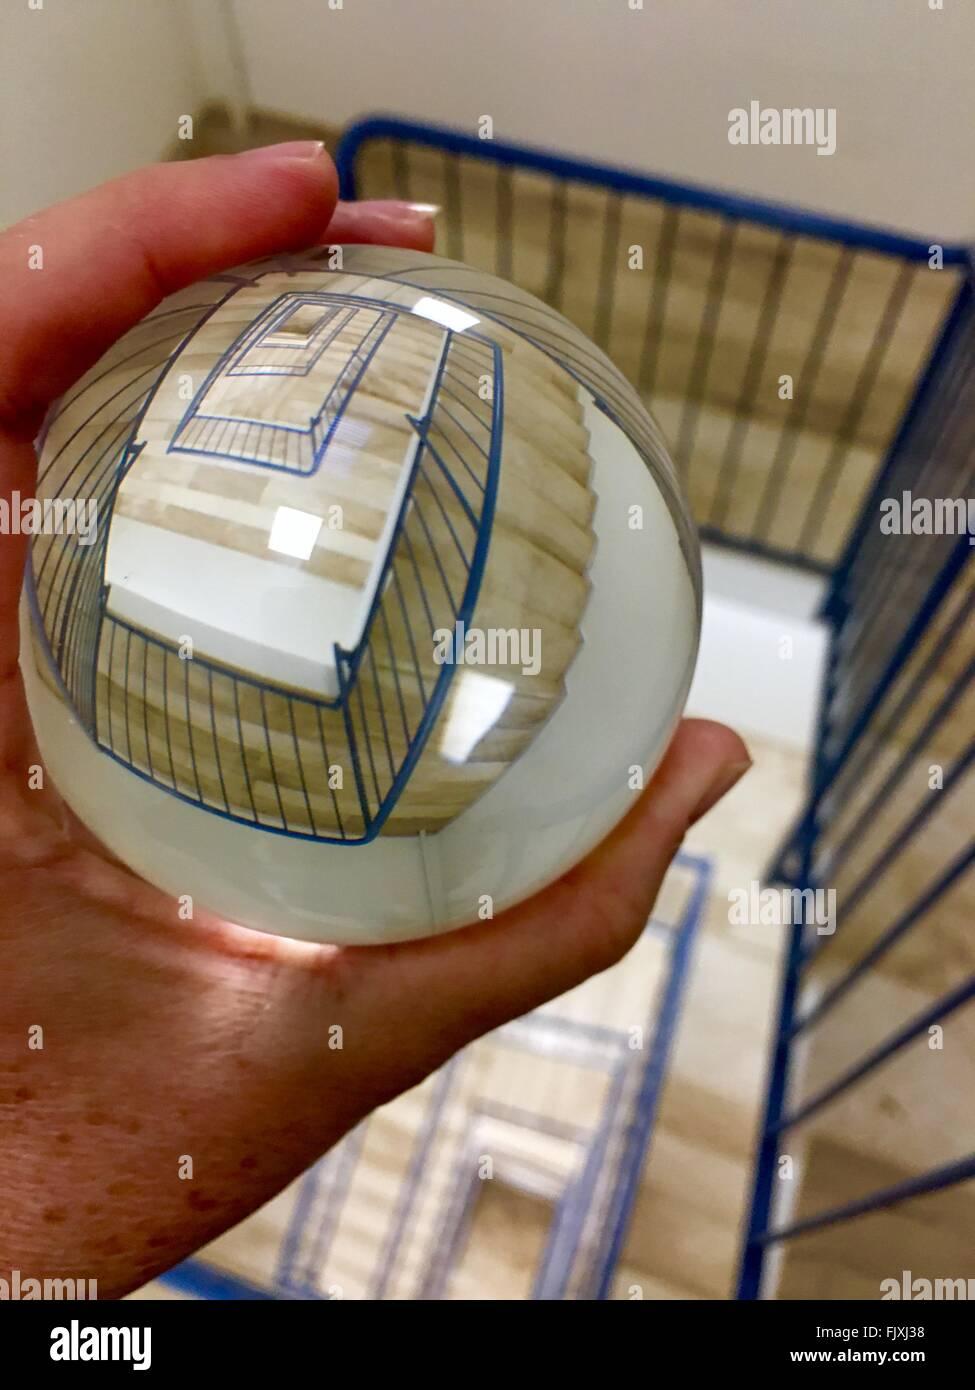 Imagen recortada de persona sosteniendo la bola de cristal con un reflejo de la escalera de caracol Imagen De Stock